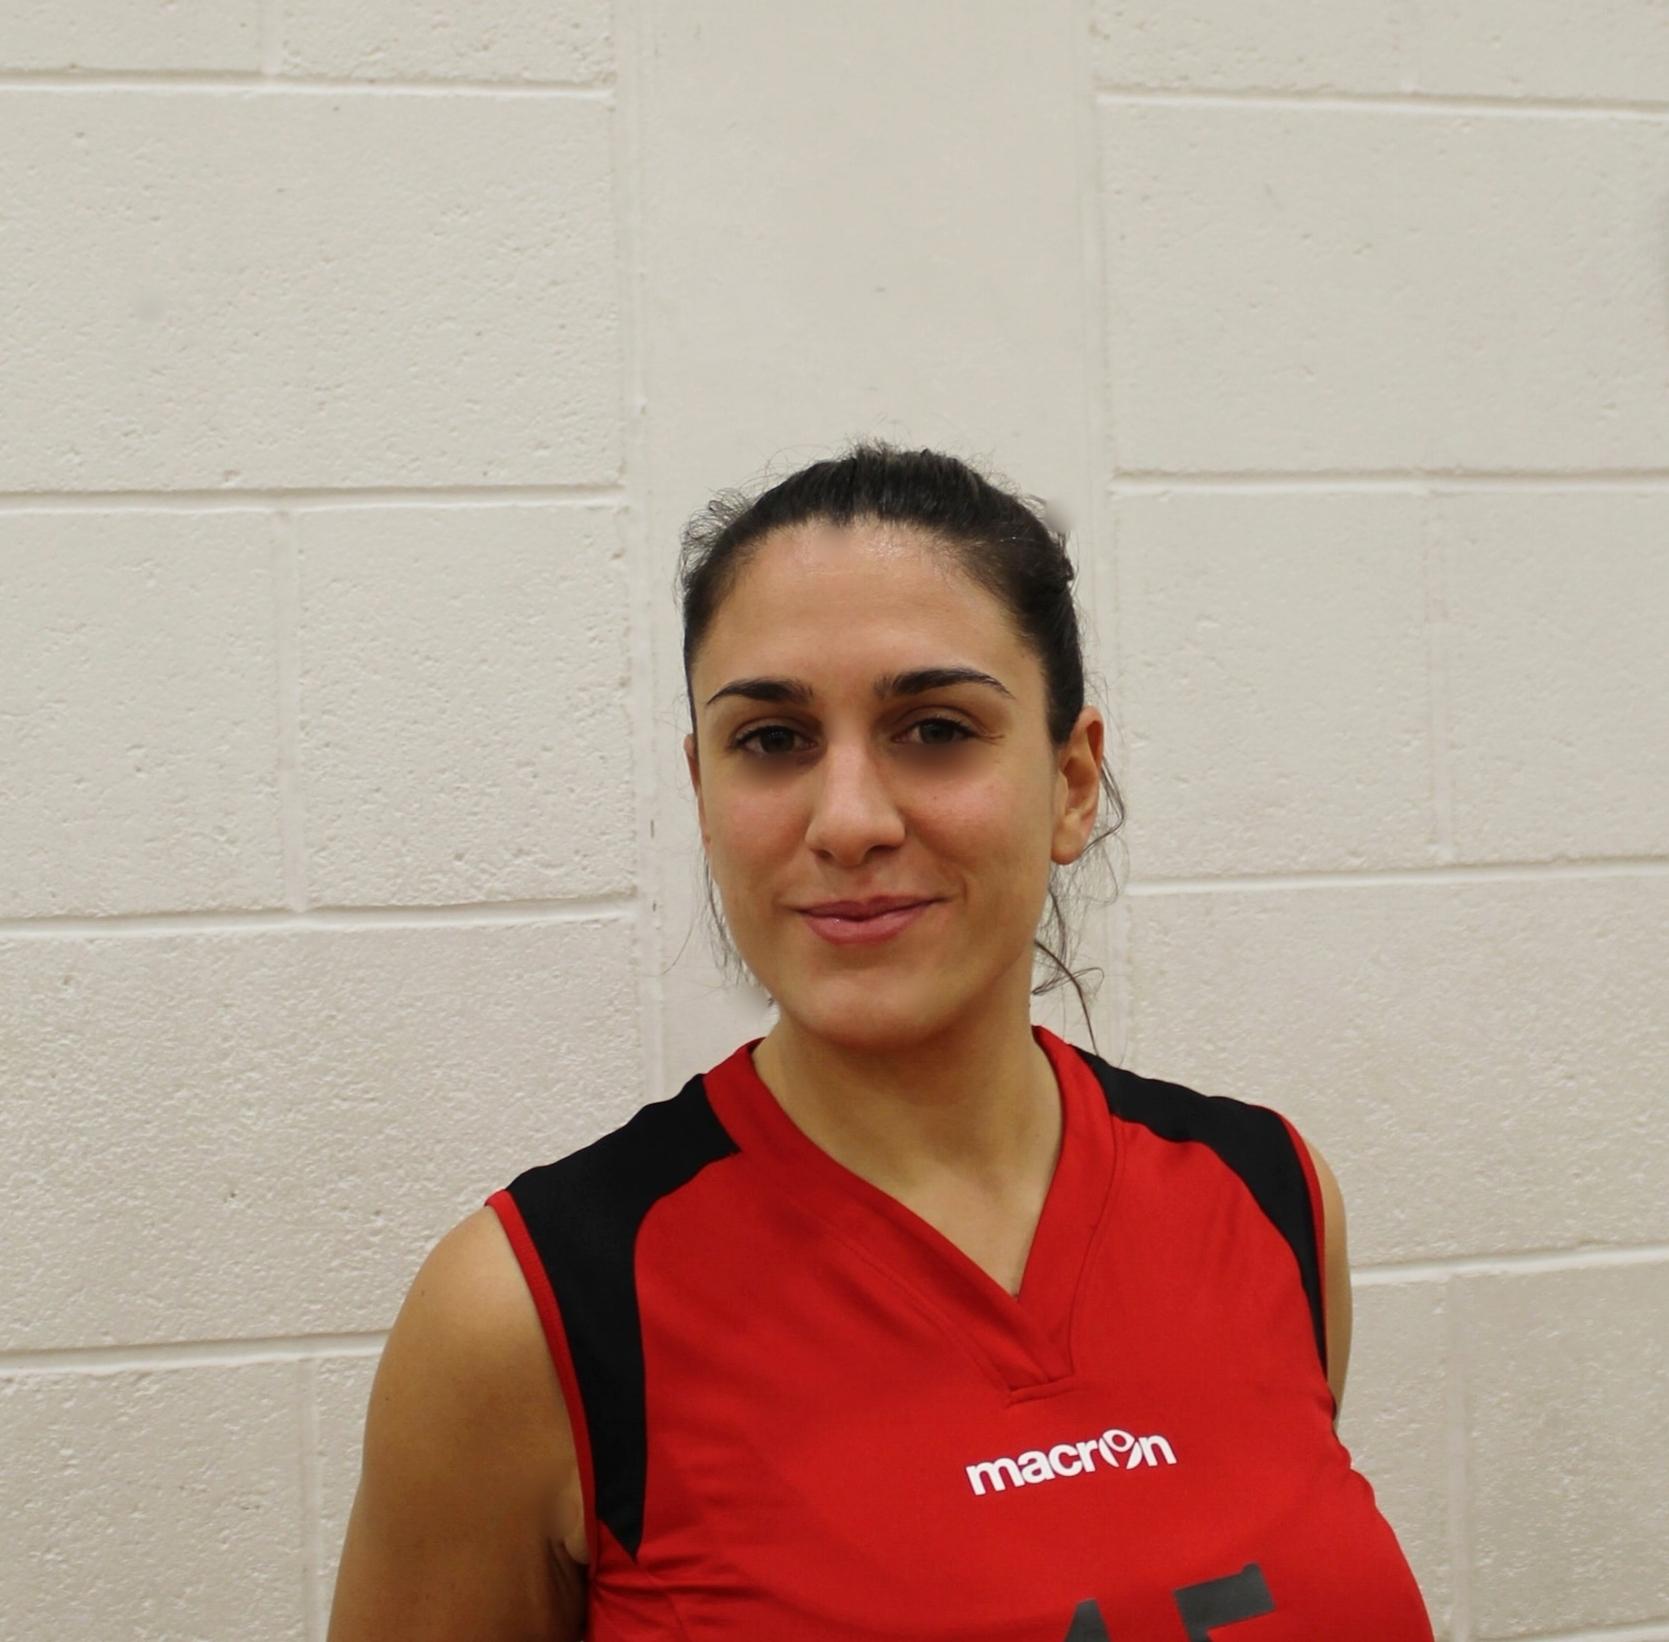 Ilenia Marchetti - Setter/Libero